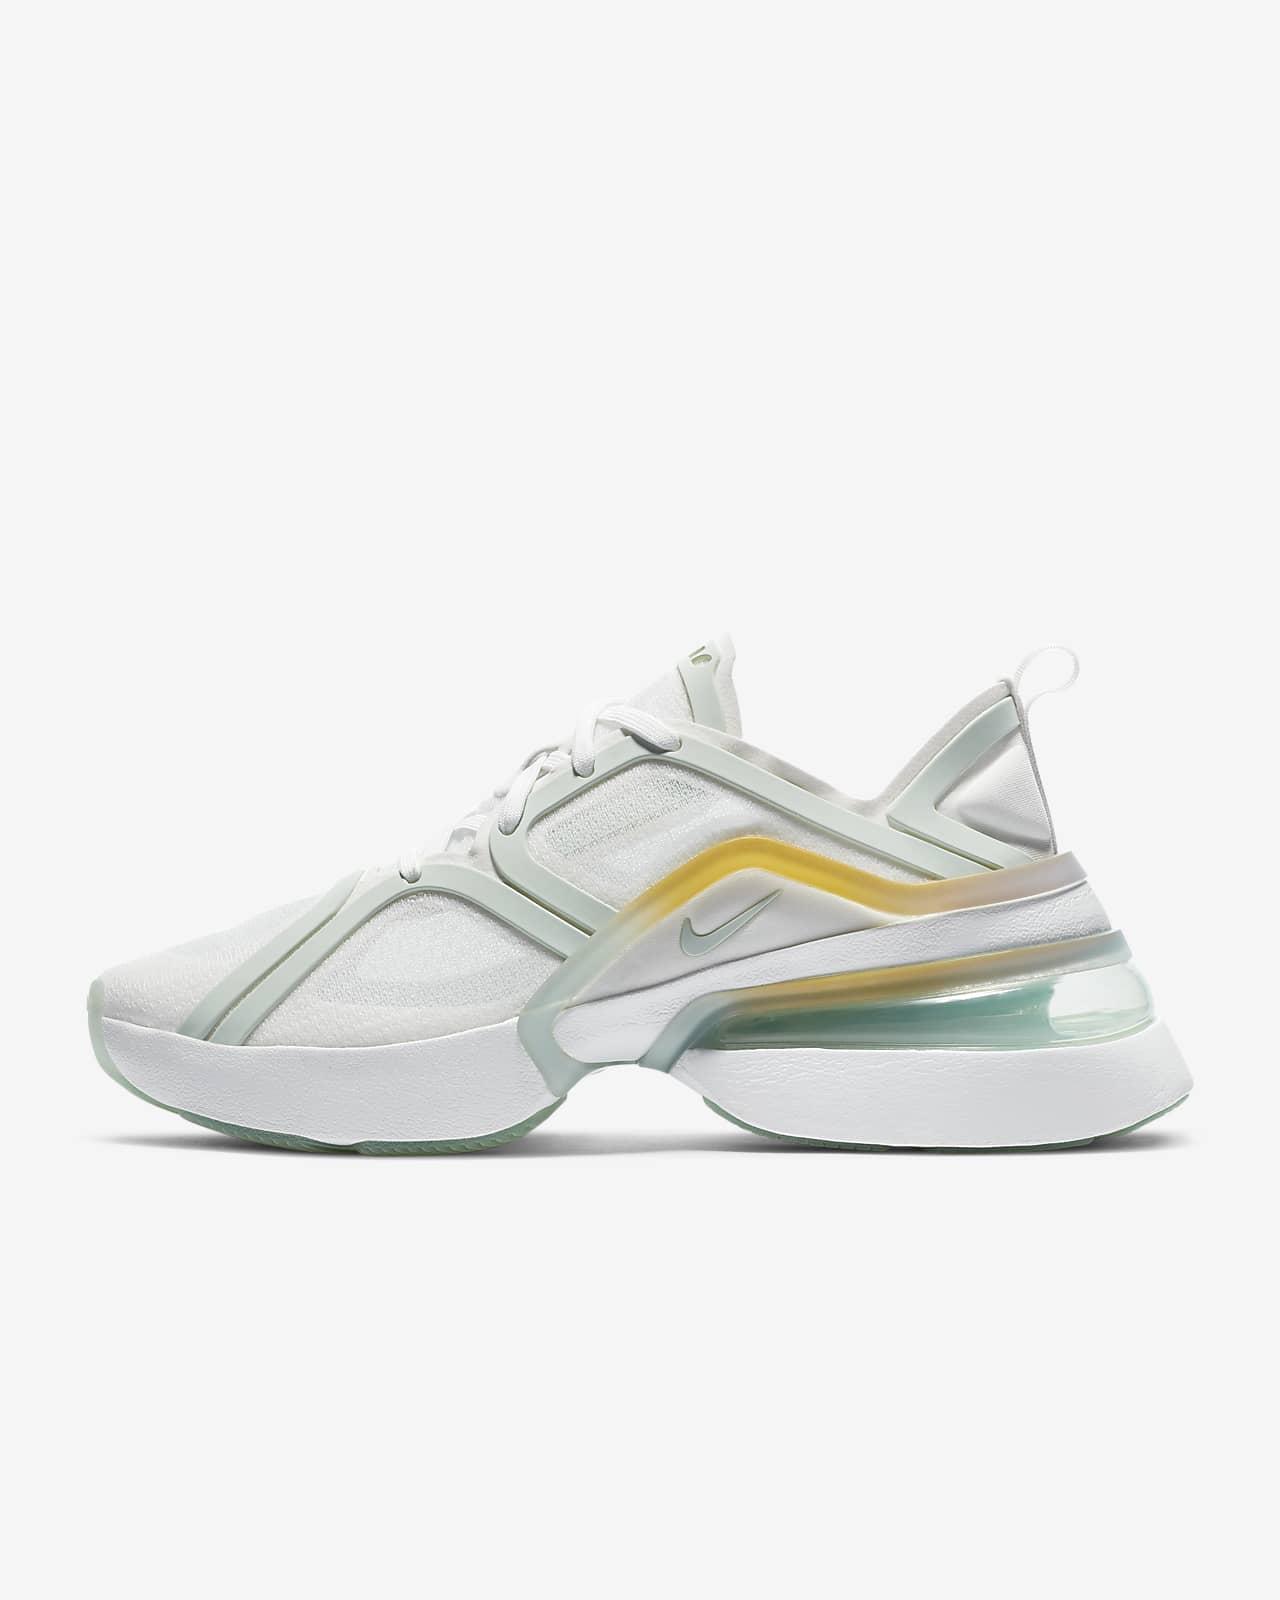 chaussures nike femme air max 270